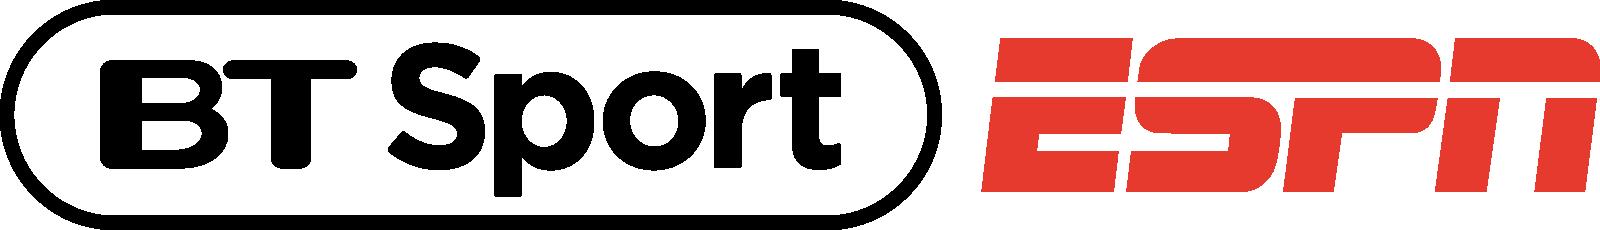 Hasil gambar untuk bt sport espn logo png